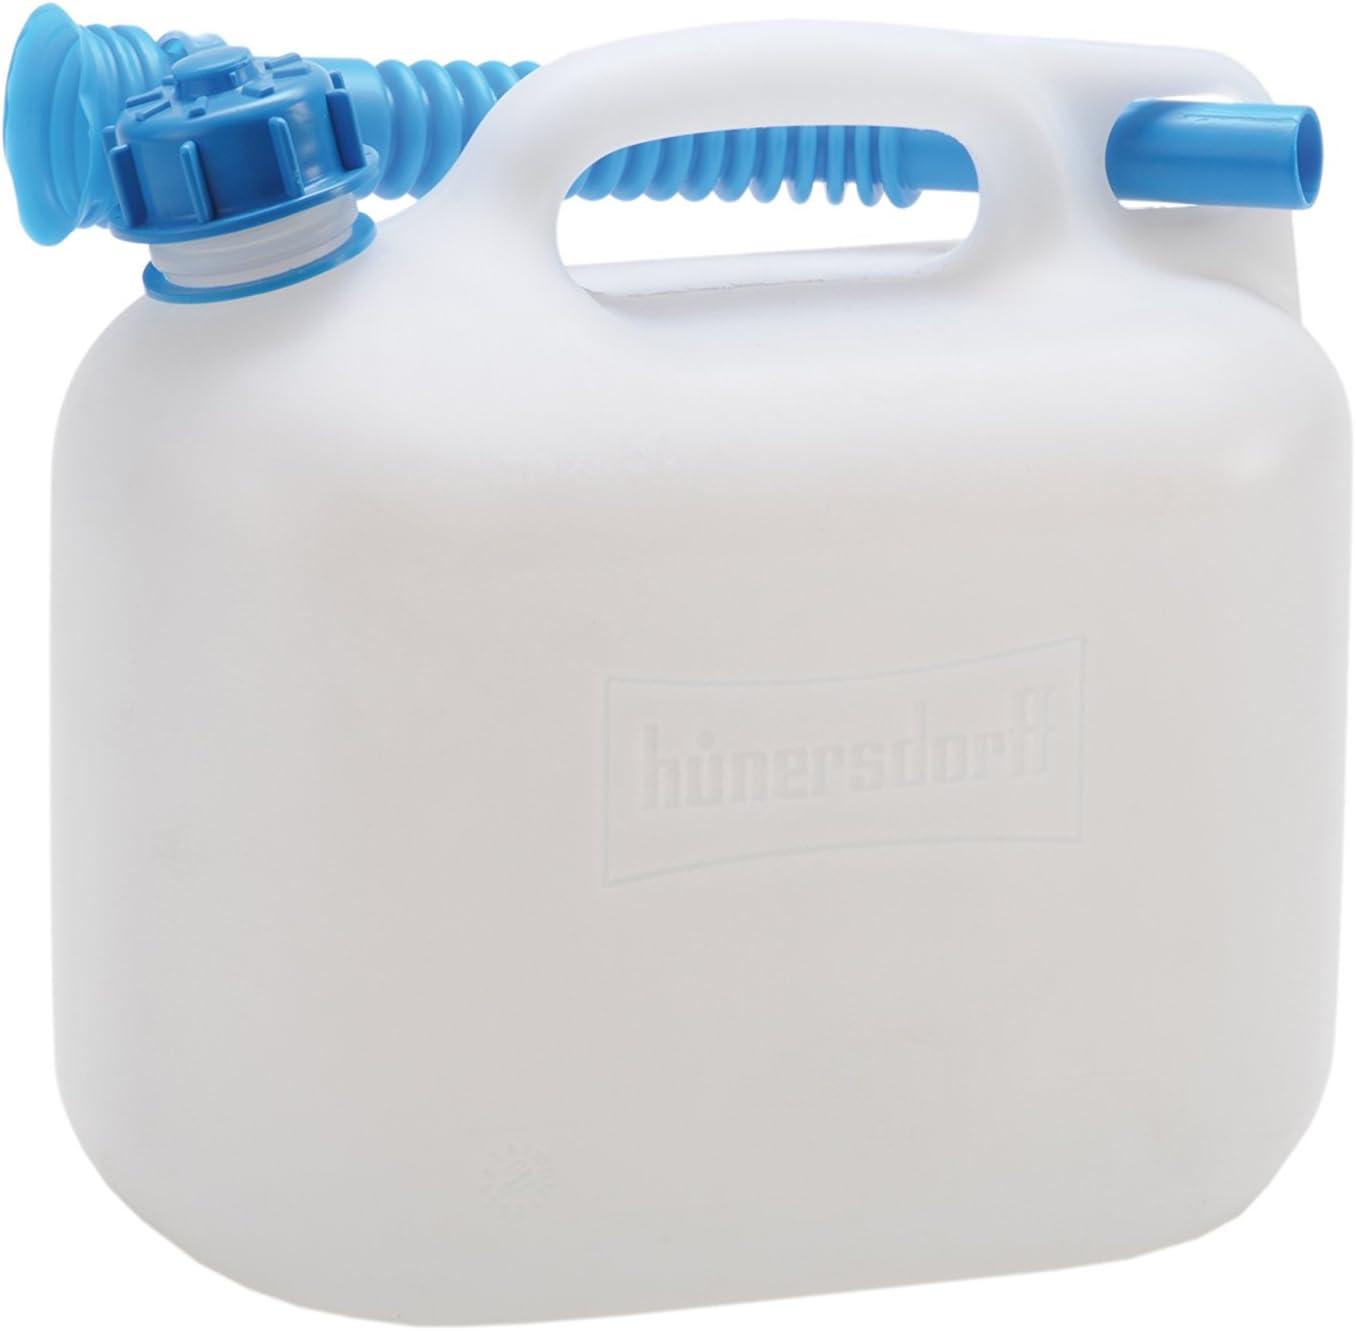 Hünersdorff bidons d/'eau ECO 22 litres